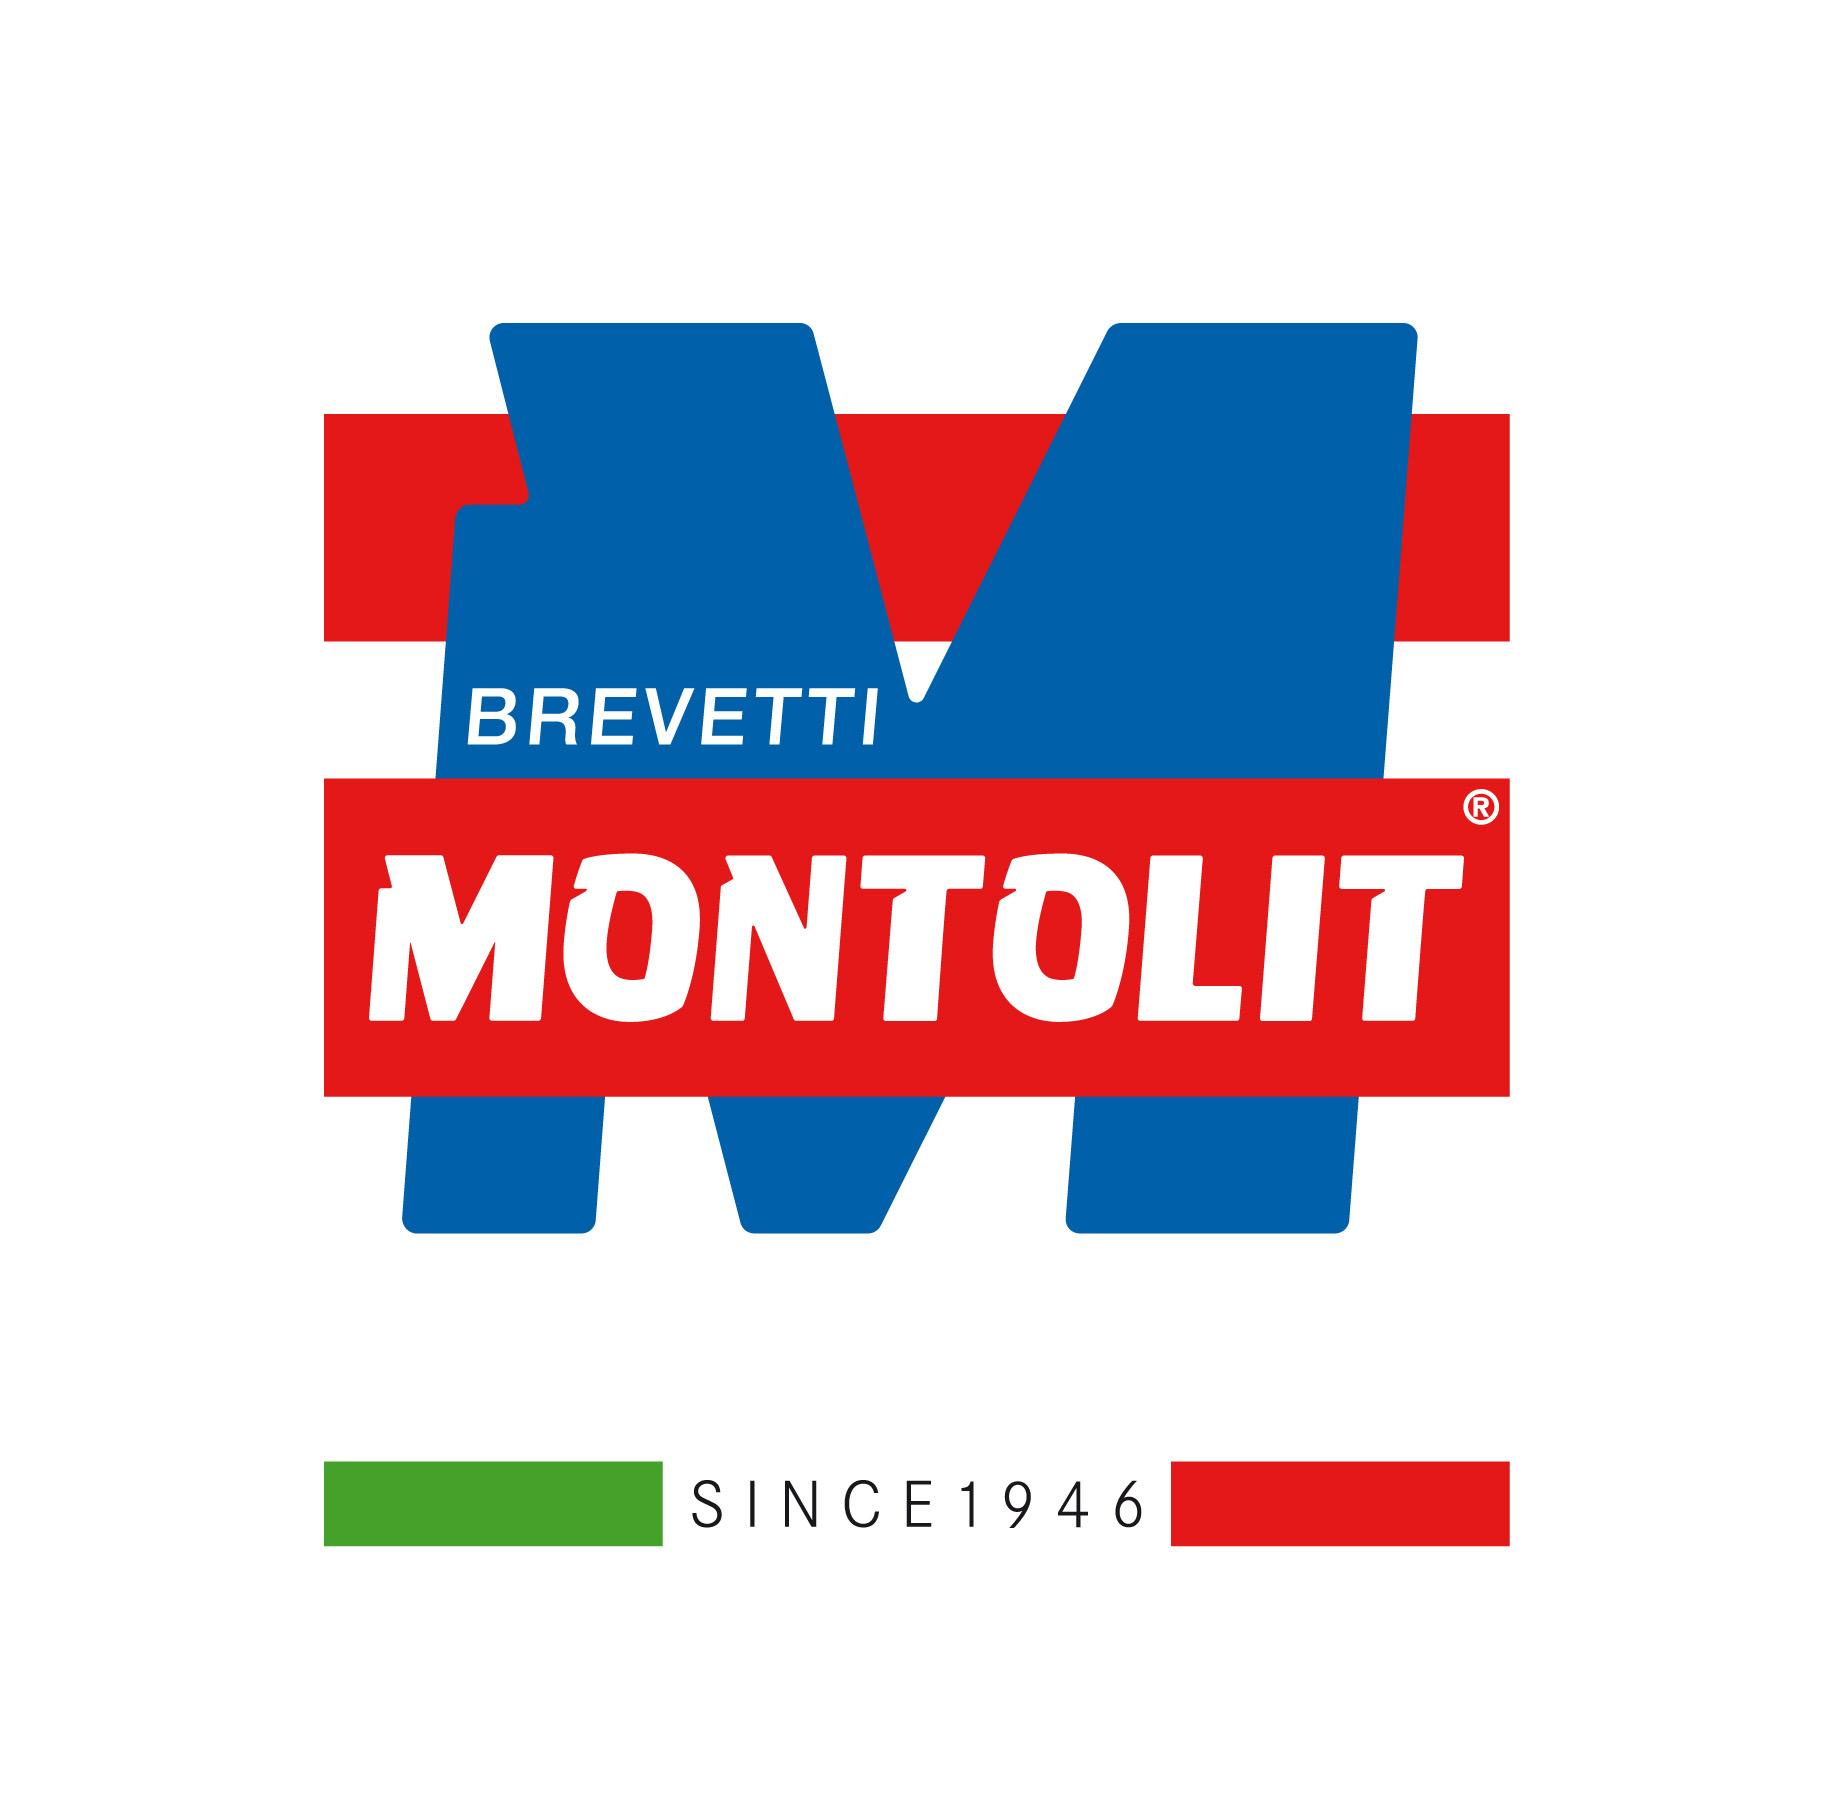 Brevetti_Montolit_Logo.jpg